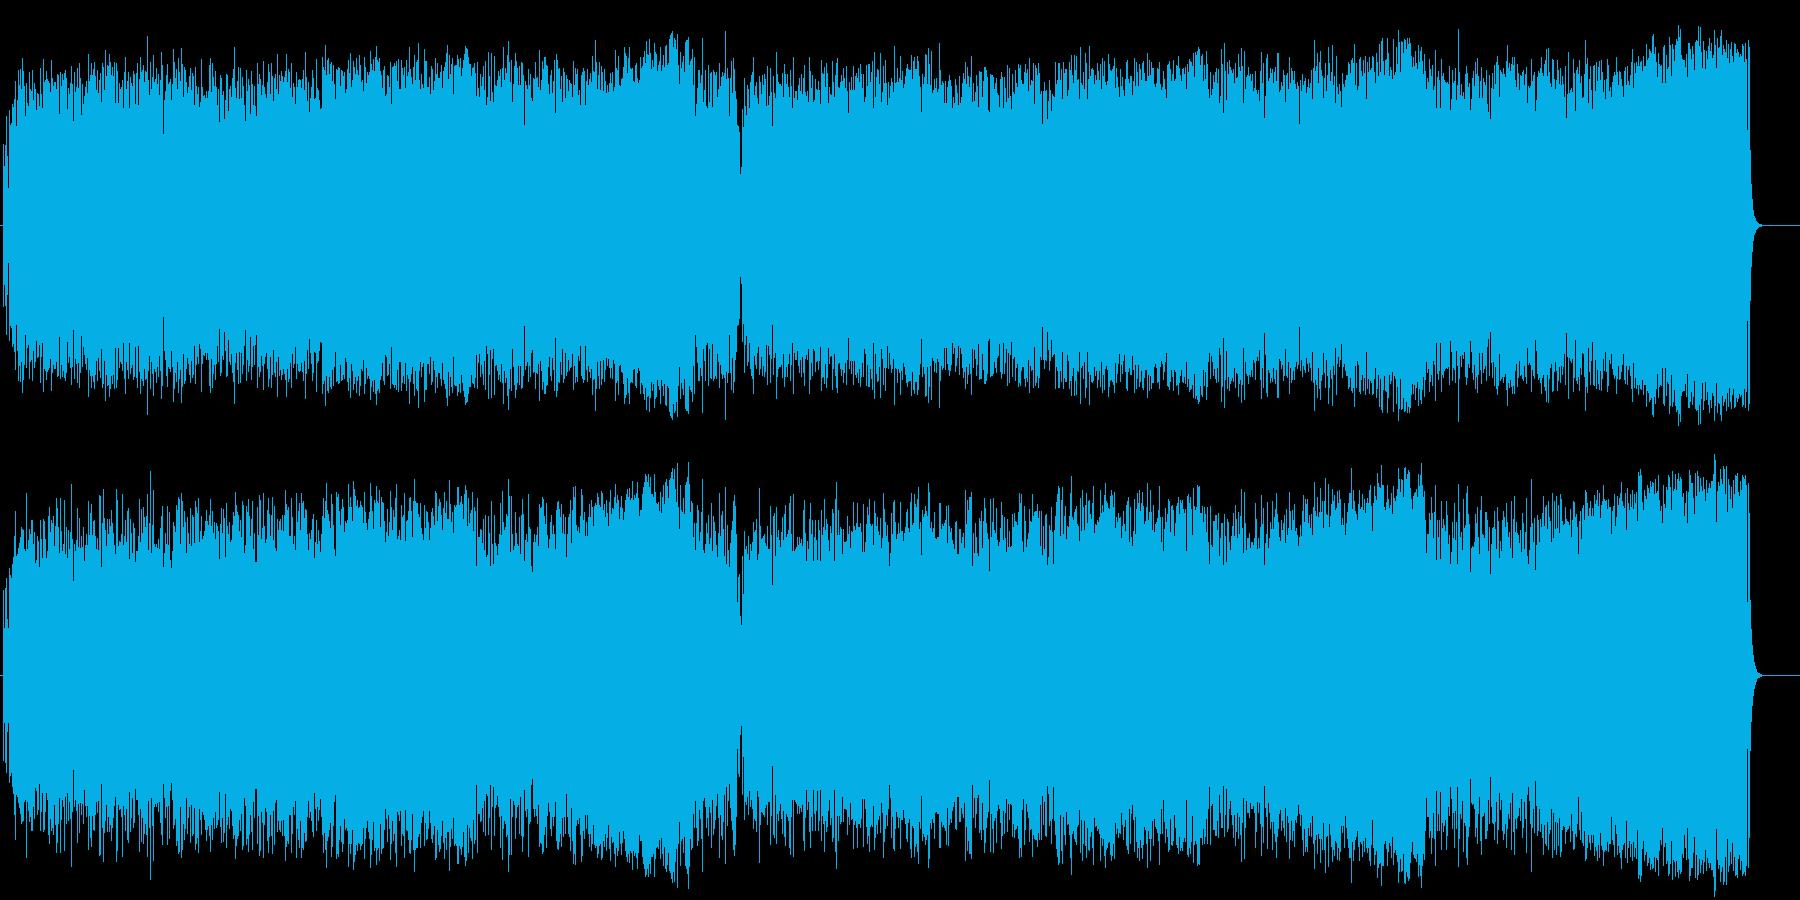 青空 元気 いきいき 軽快 テーマの再生済みの波形